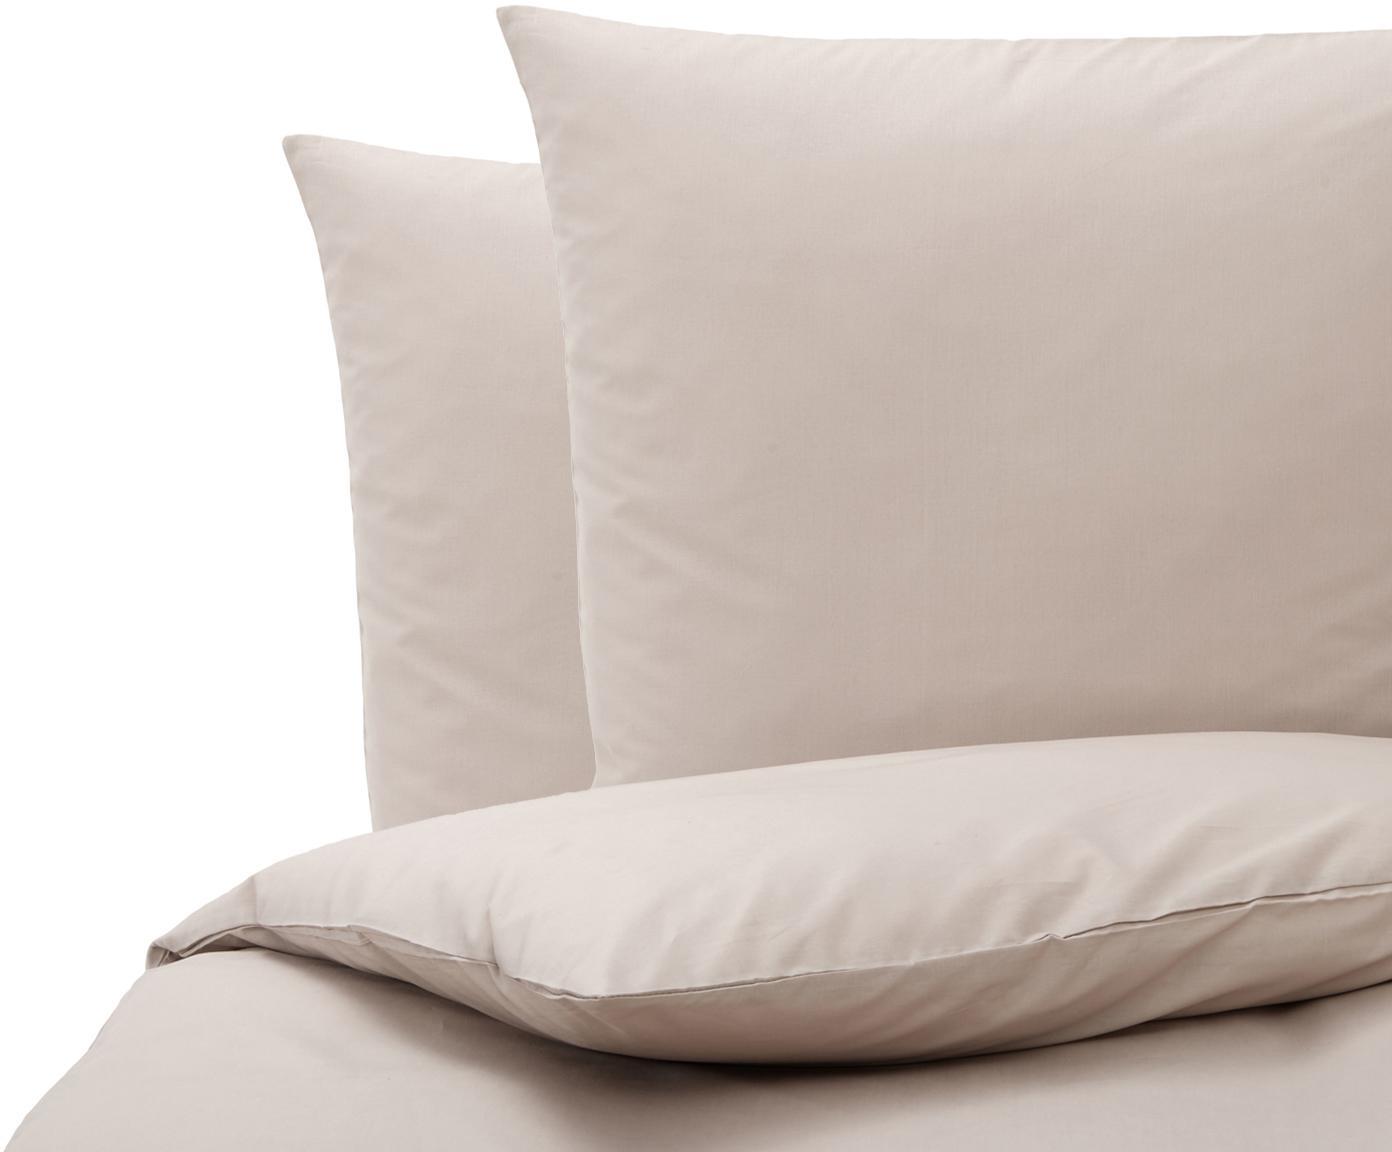 Baumwoll-Bettwäsche Weekend in Taupe, 100% Baumwolle  Fadendichte 145 TC, Standard Qualität  Bettwäsche aus Baumwolle fühlt sich auf der Haut angenehm weich an, nimmt Feuchtigkeit gut auf und eignet sich für Allergiker., Taupe, 200 x 200 cm + 2 Kissen 80 x 80 cm